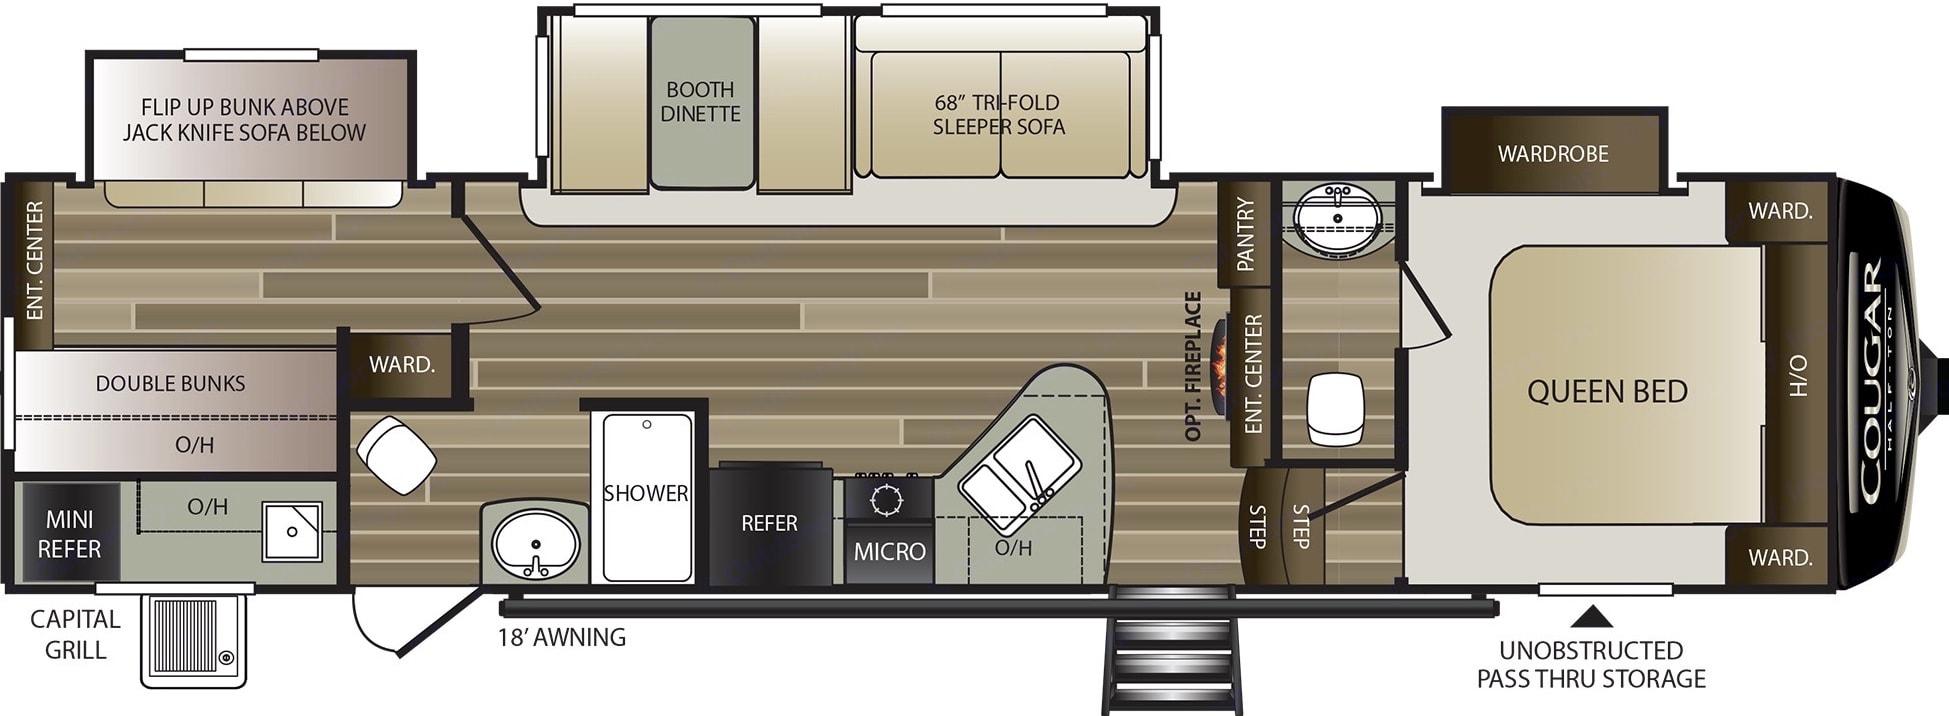 Floorplan. Keystone Cougar 2020